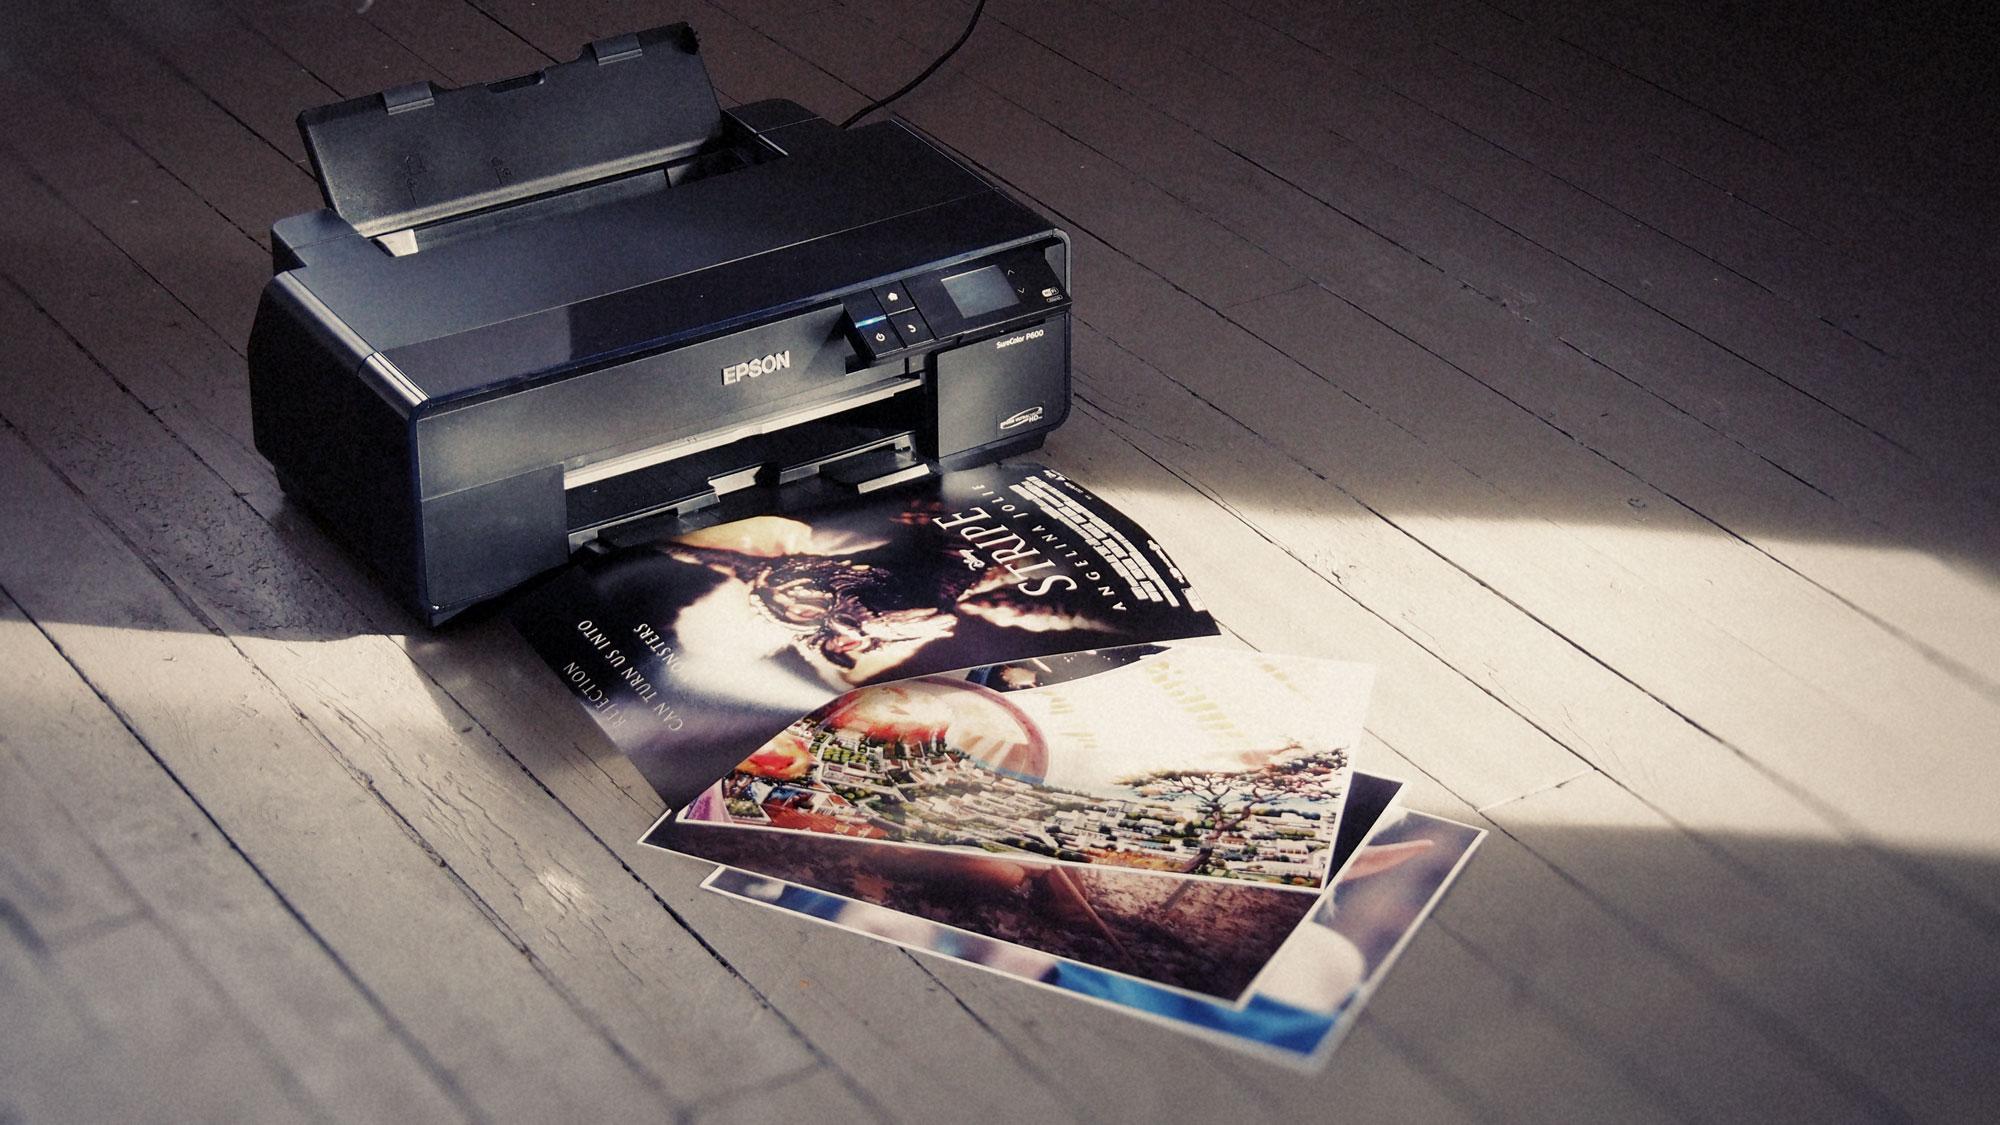 печать фотографий со слайдов в москве сайте ндв